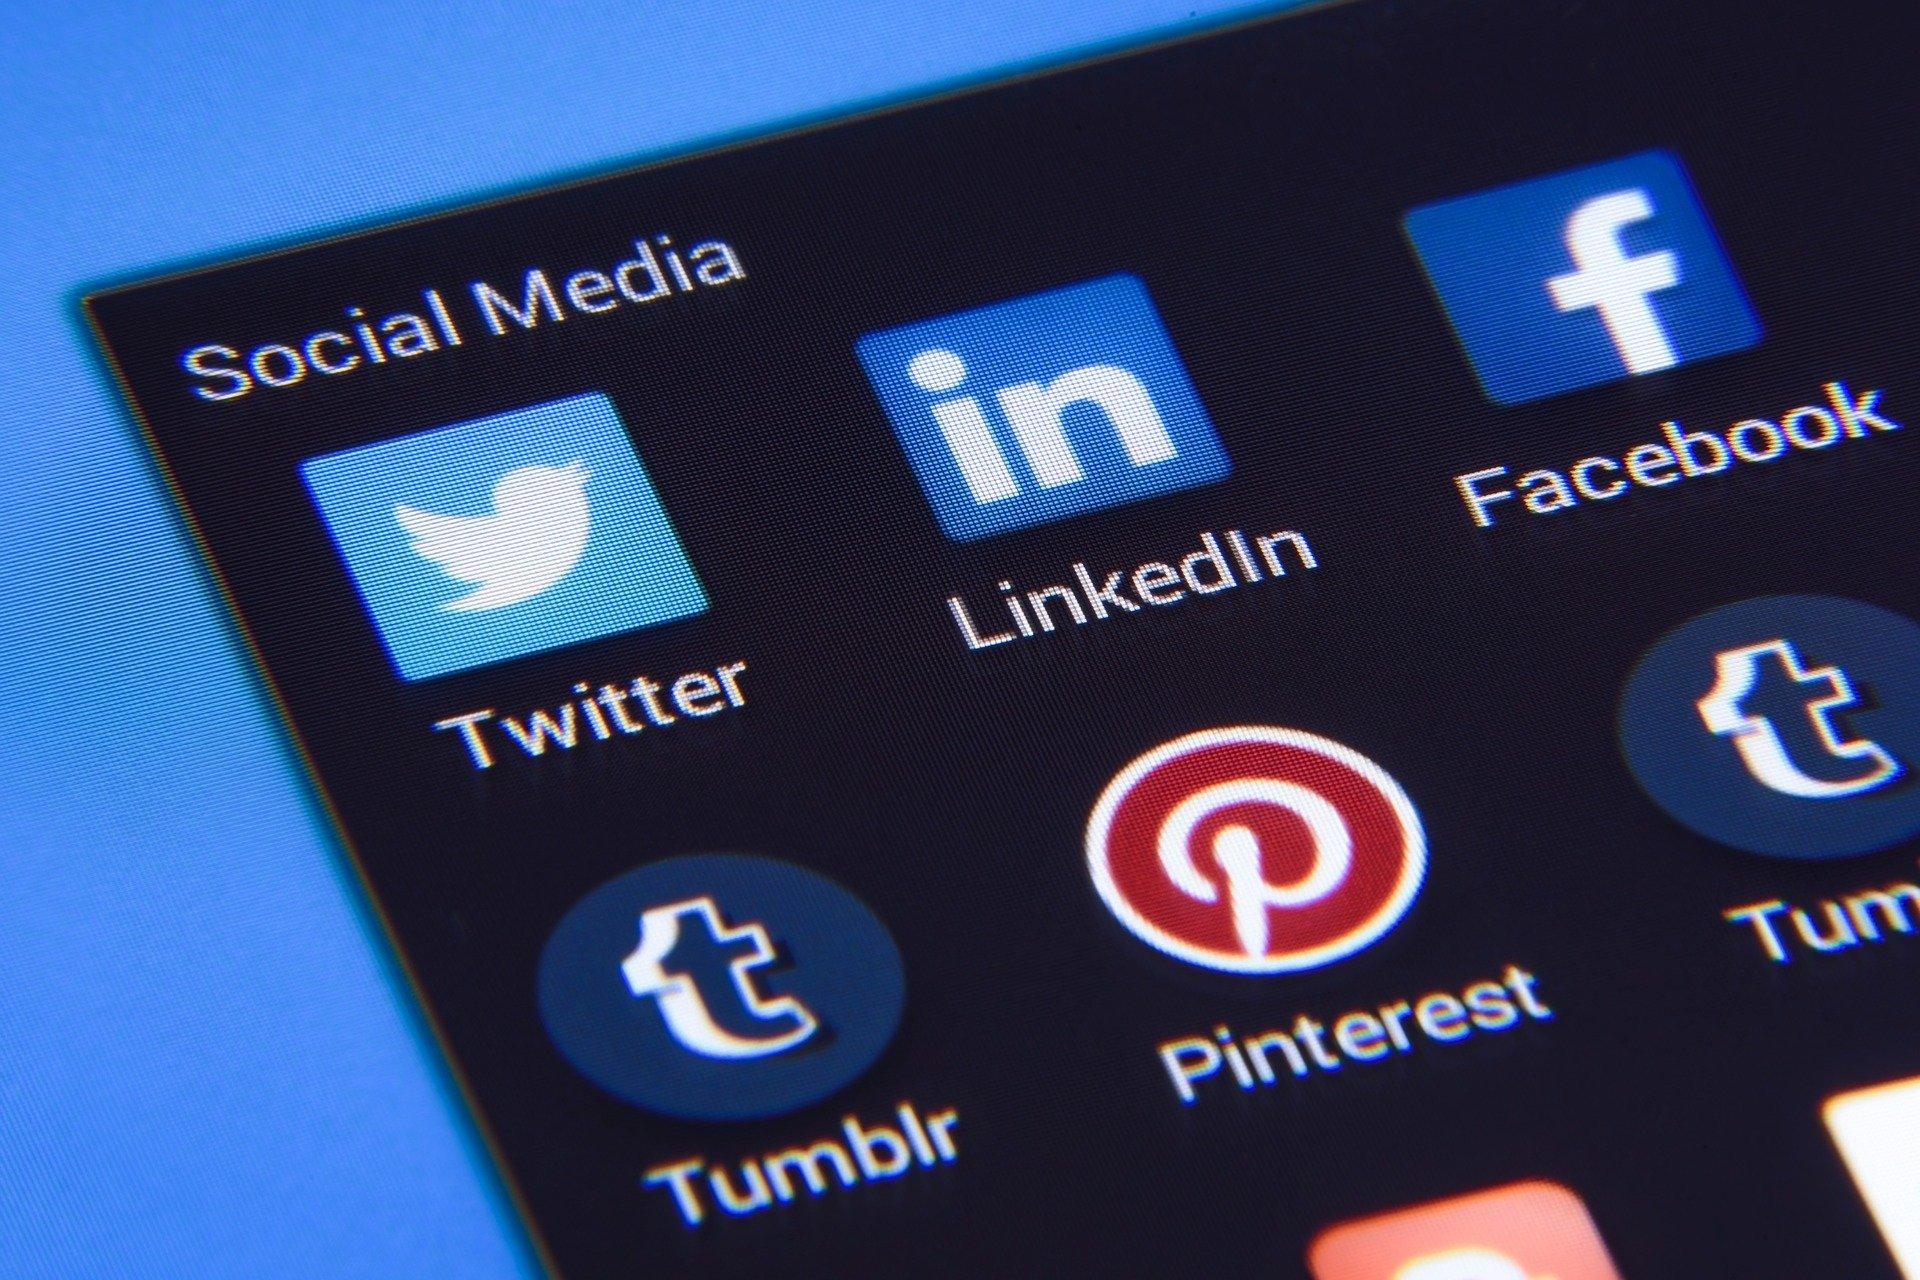 Ste aktívny na niektorej sociálnej sieti?